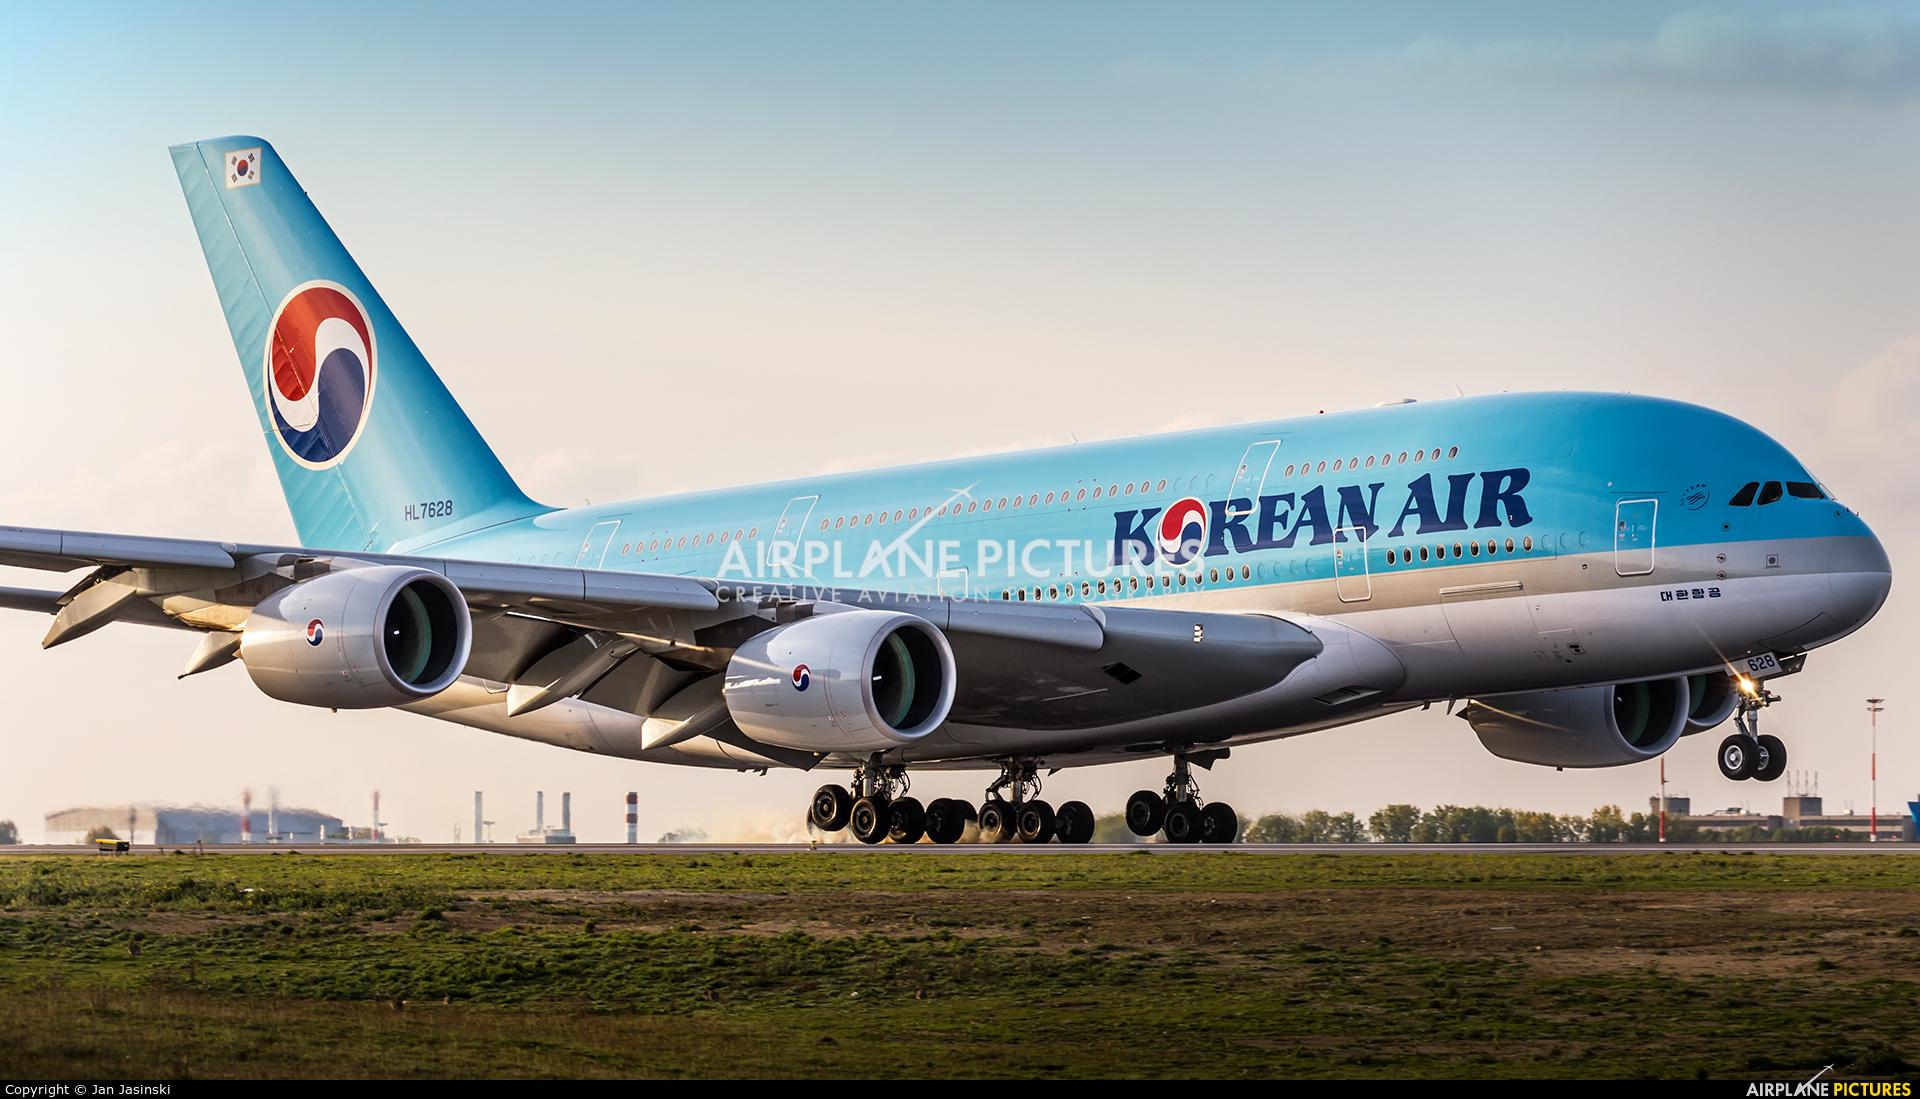 Korean Air HL7628 aircraft at Paris - Charles de Gaulle